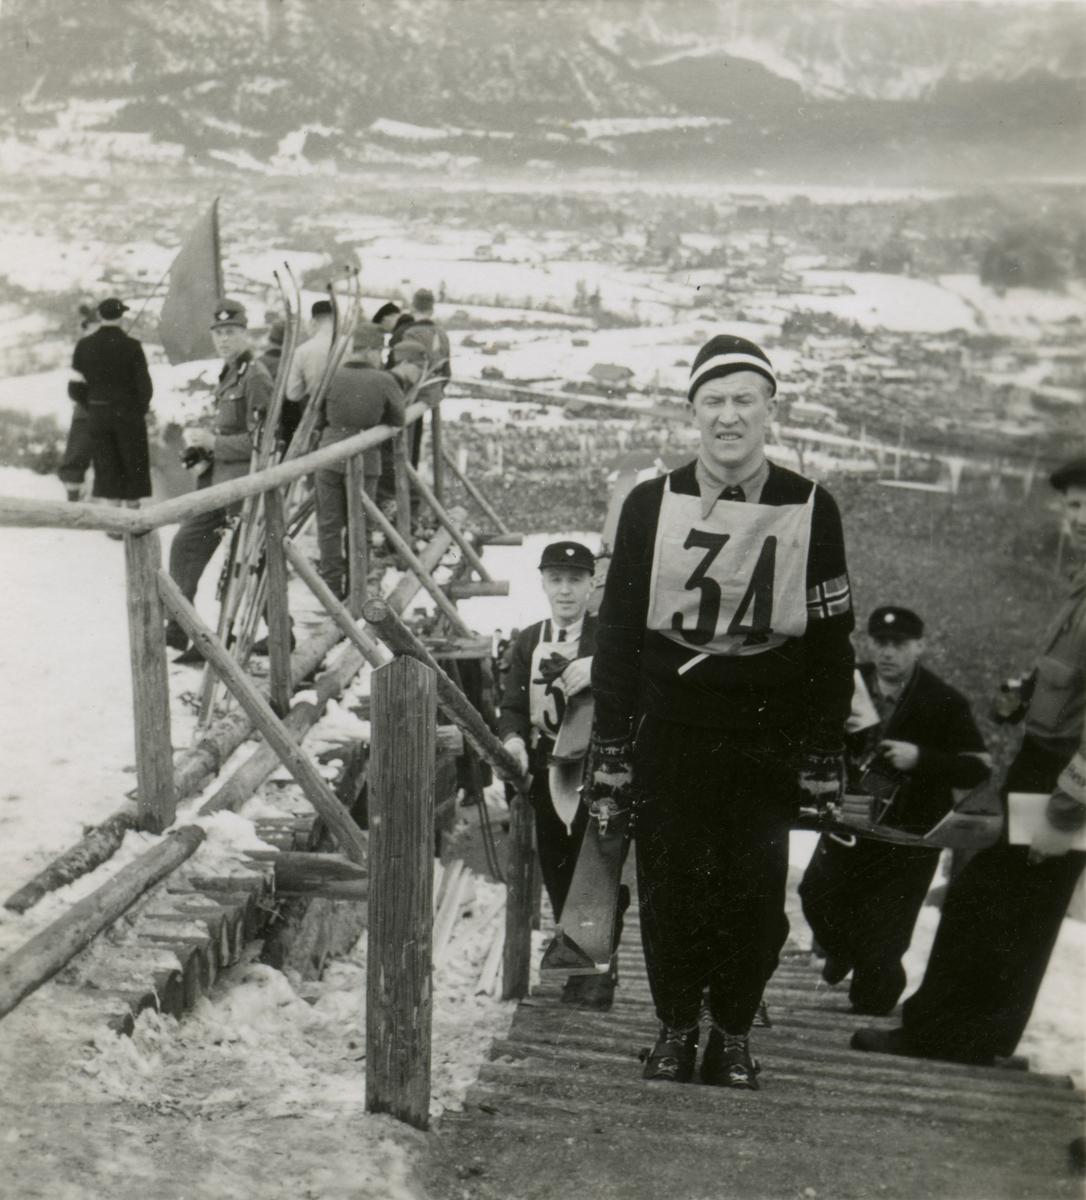 Athlete Birger Ruud in OG at Garmisch